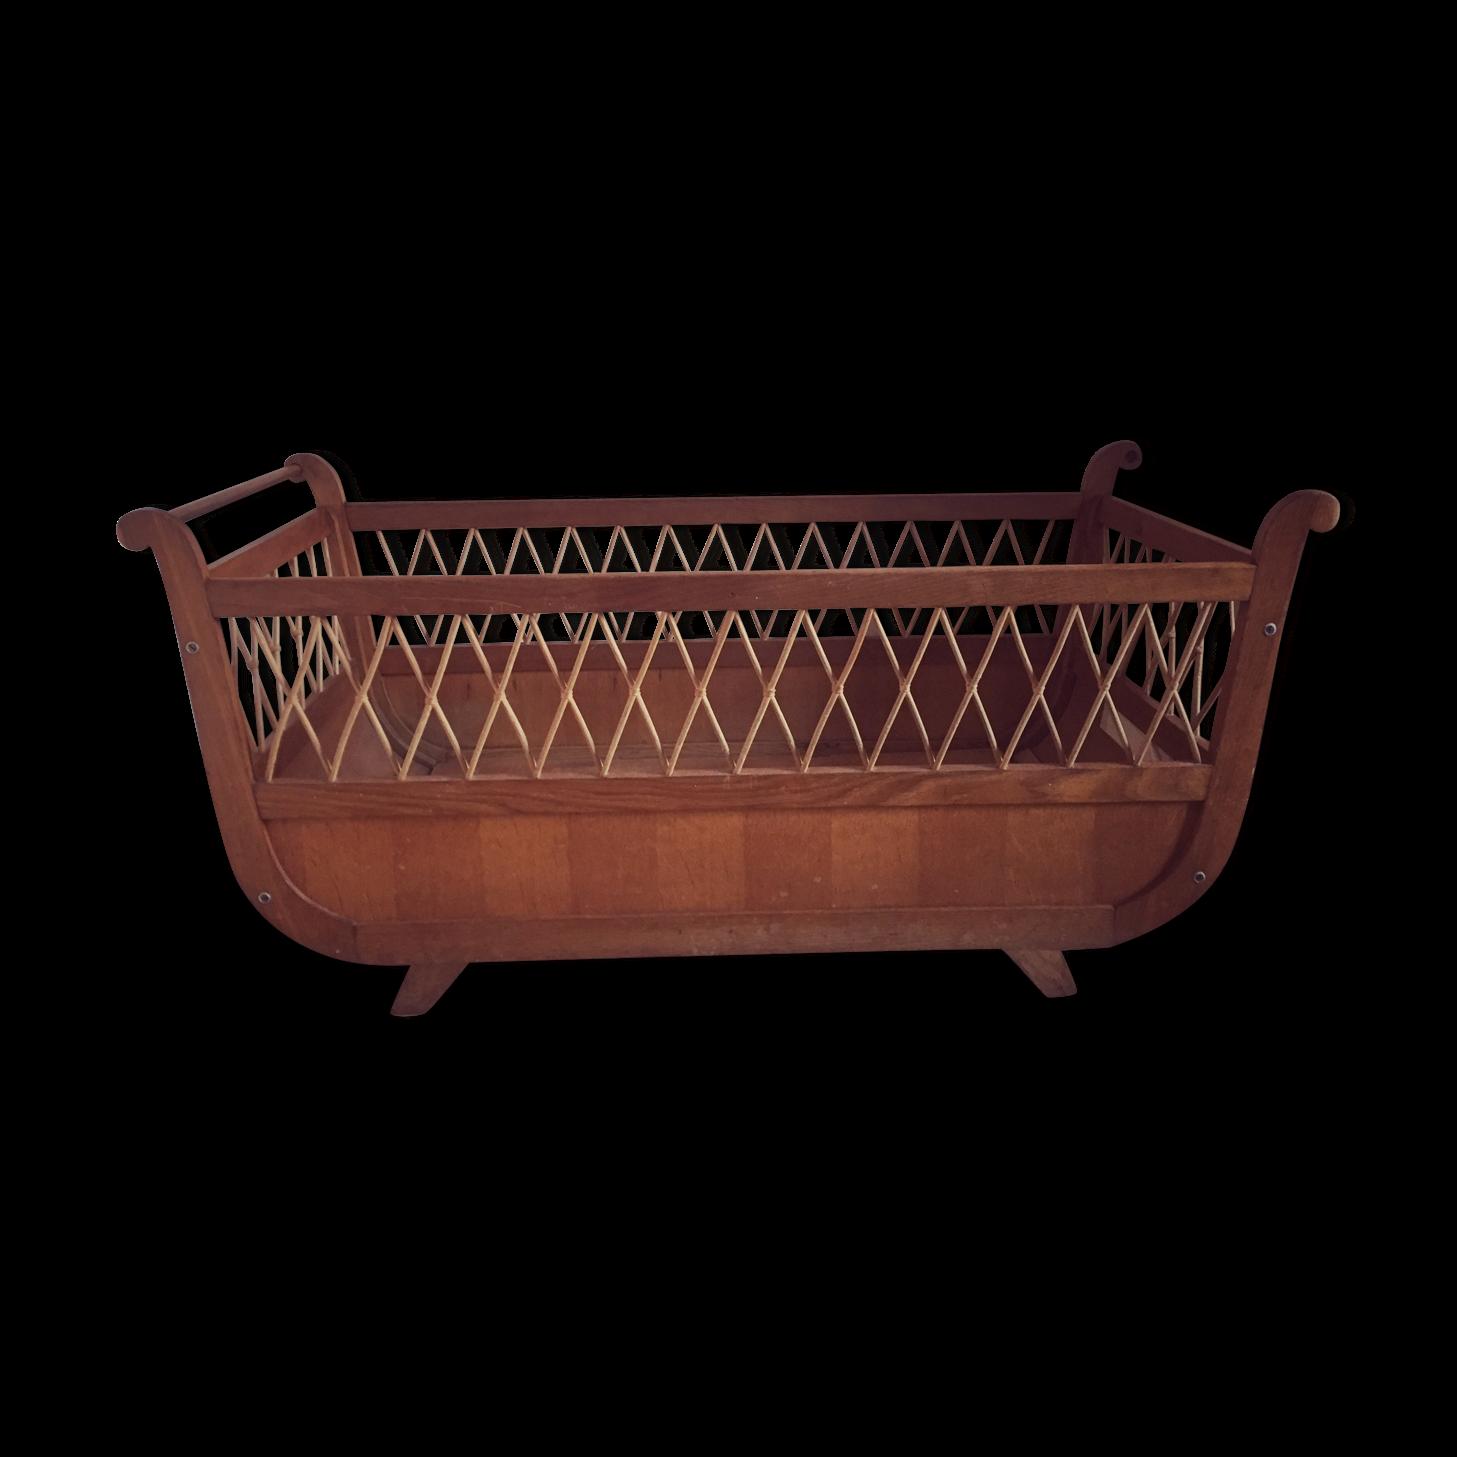 lit roulotte laurette ce lit bb en bois massif vintage est rarissime car volutif il passe du. Black Bedroom Furniture Sets. Home Design Ideas